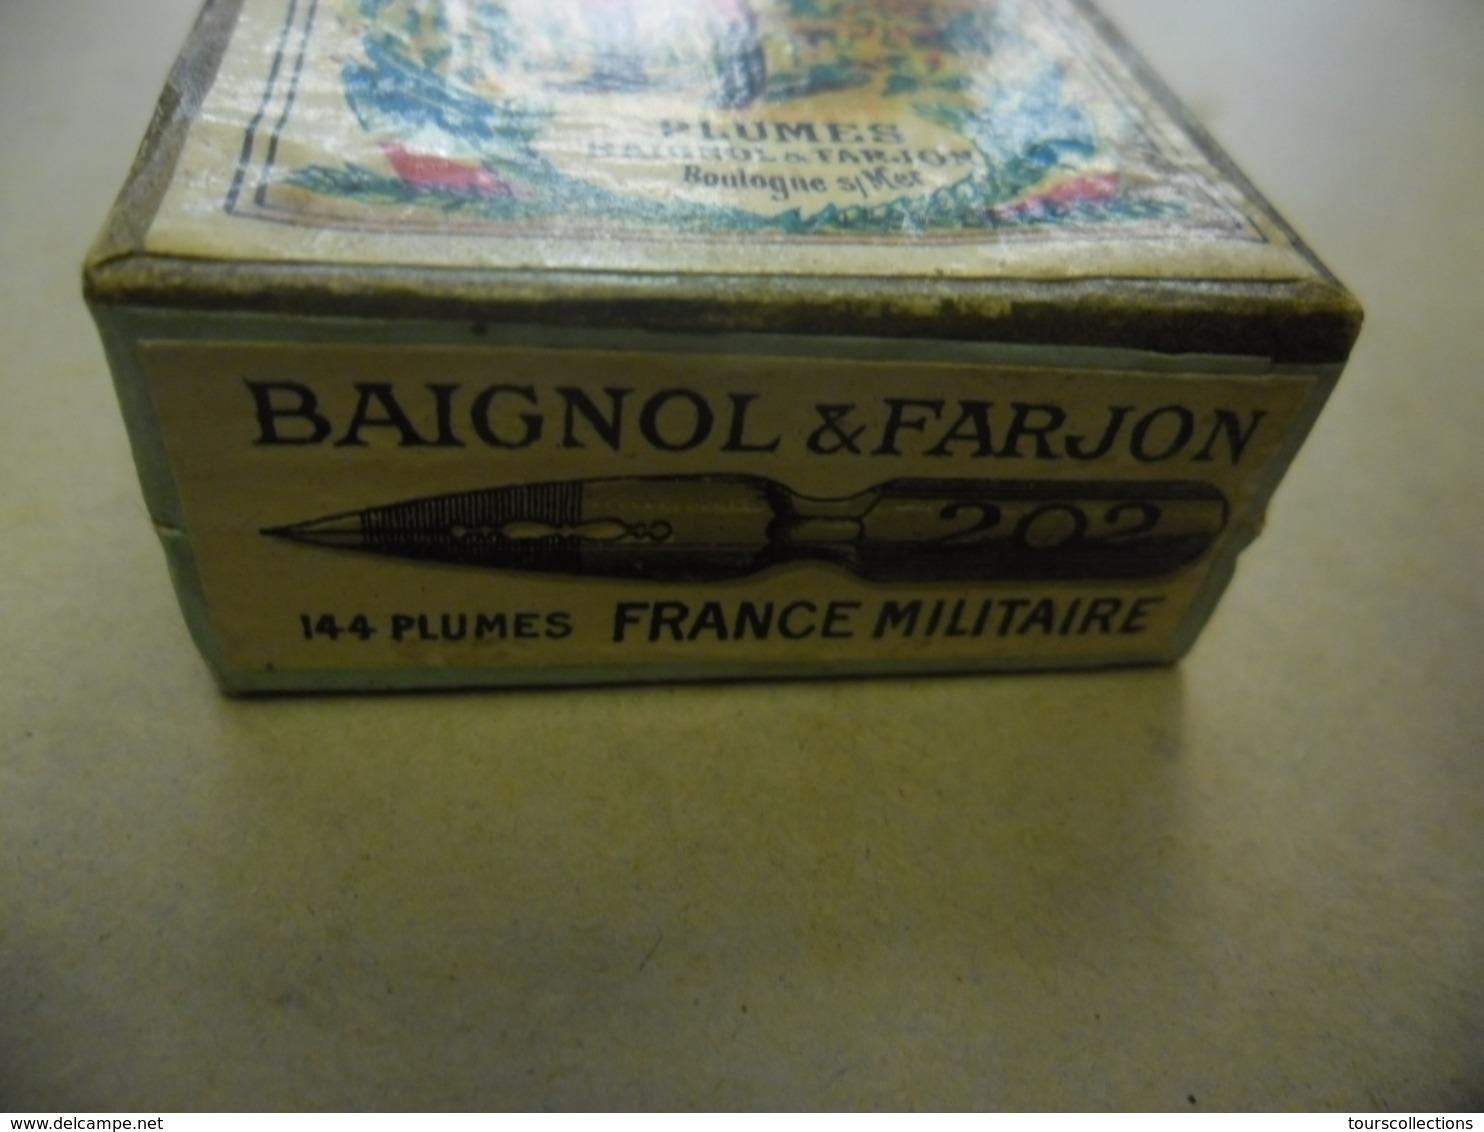 Ancienne Rare Boîte Scellée 144 PLUMES BAIGNOL & FARJON La France Militaire 19° S. CUIRASSIER Hors Concours Paris 1900 - Plumes